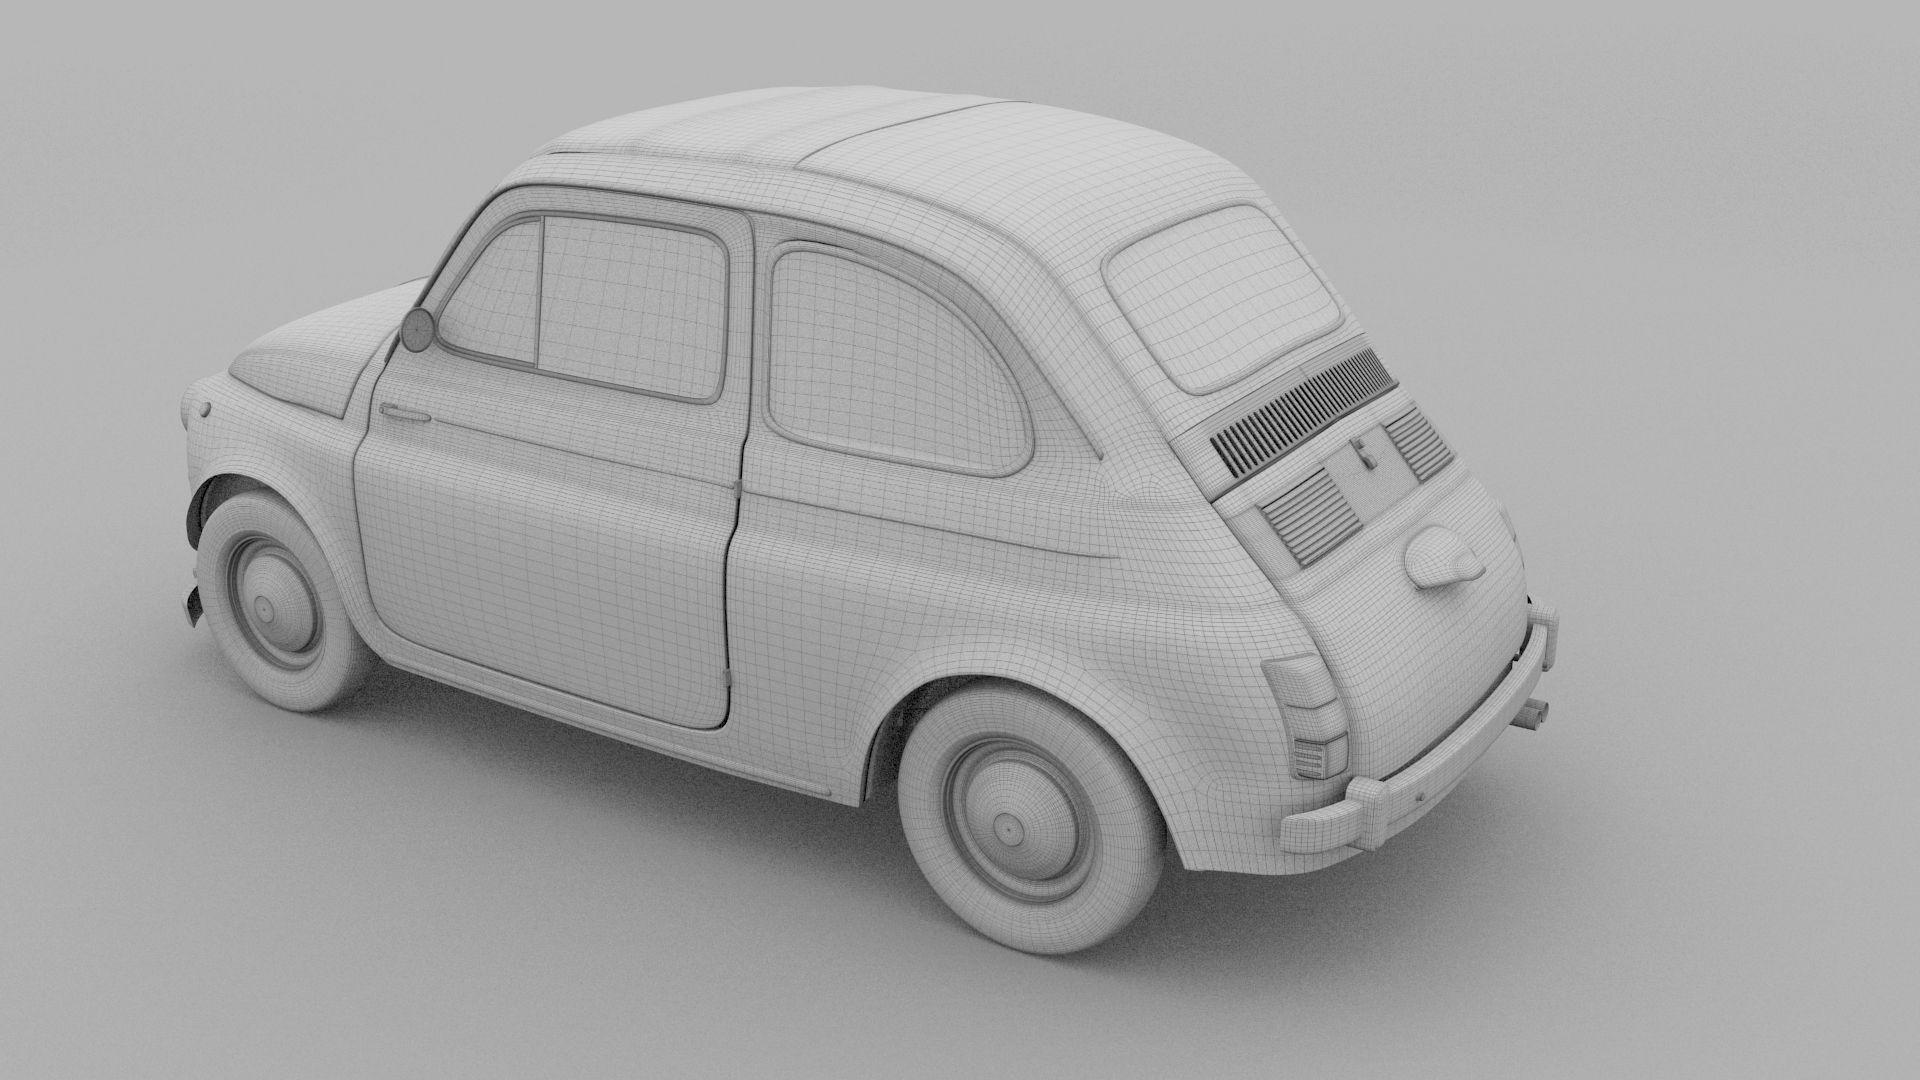 Fiat 500 Nuova 1957 With Interior Rusty Hdri Nuova Fiat Hdri